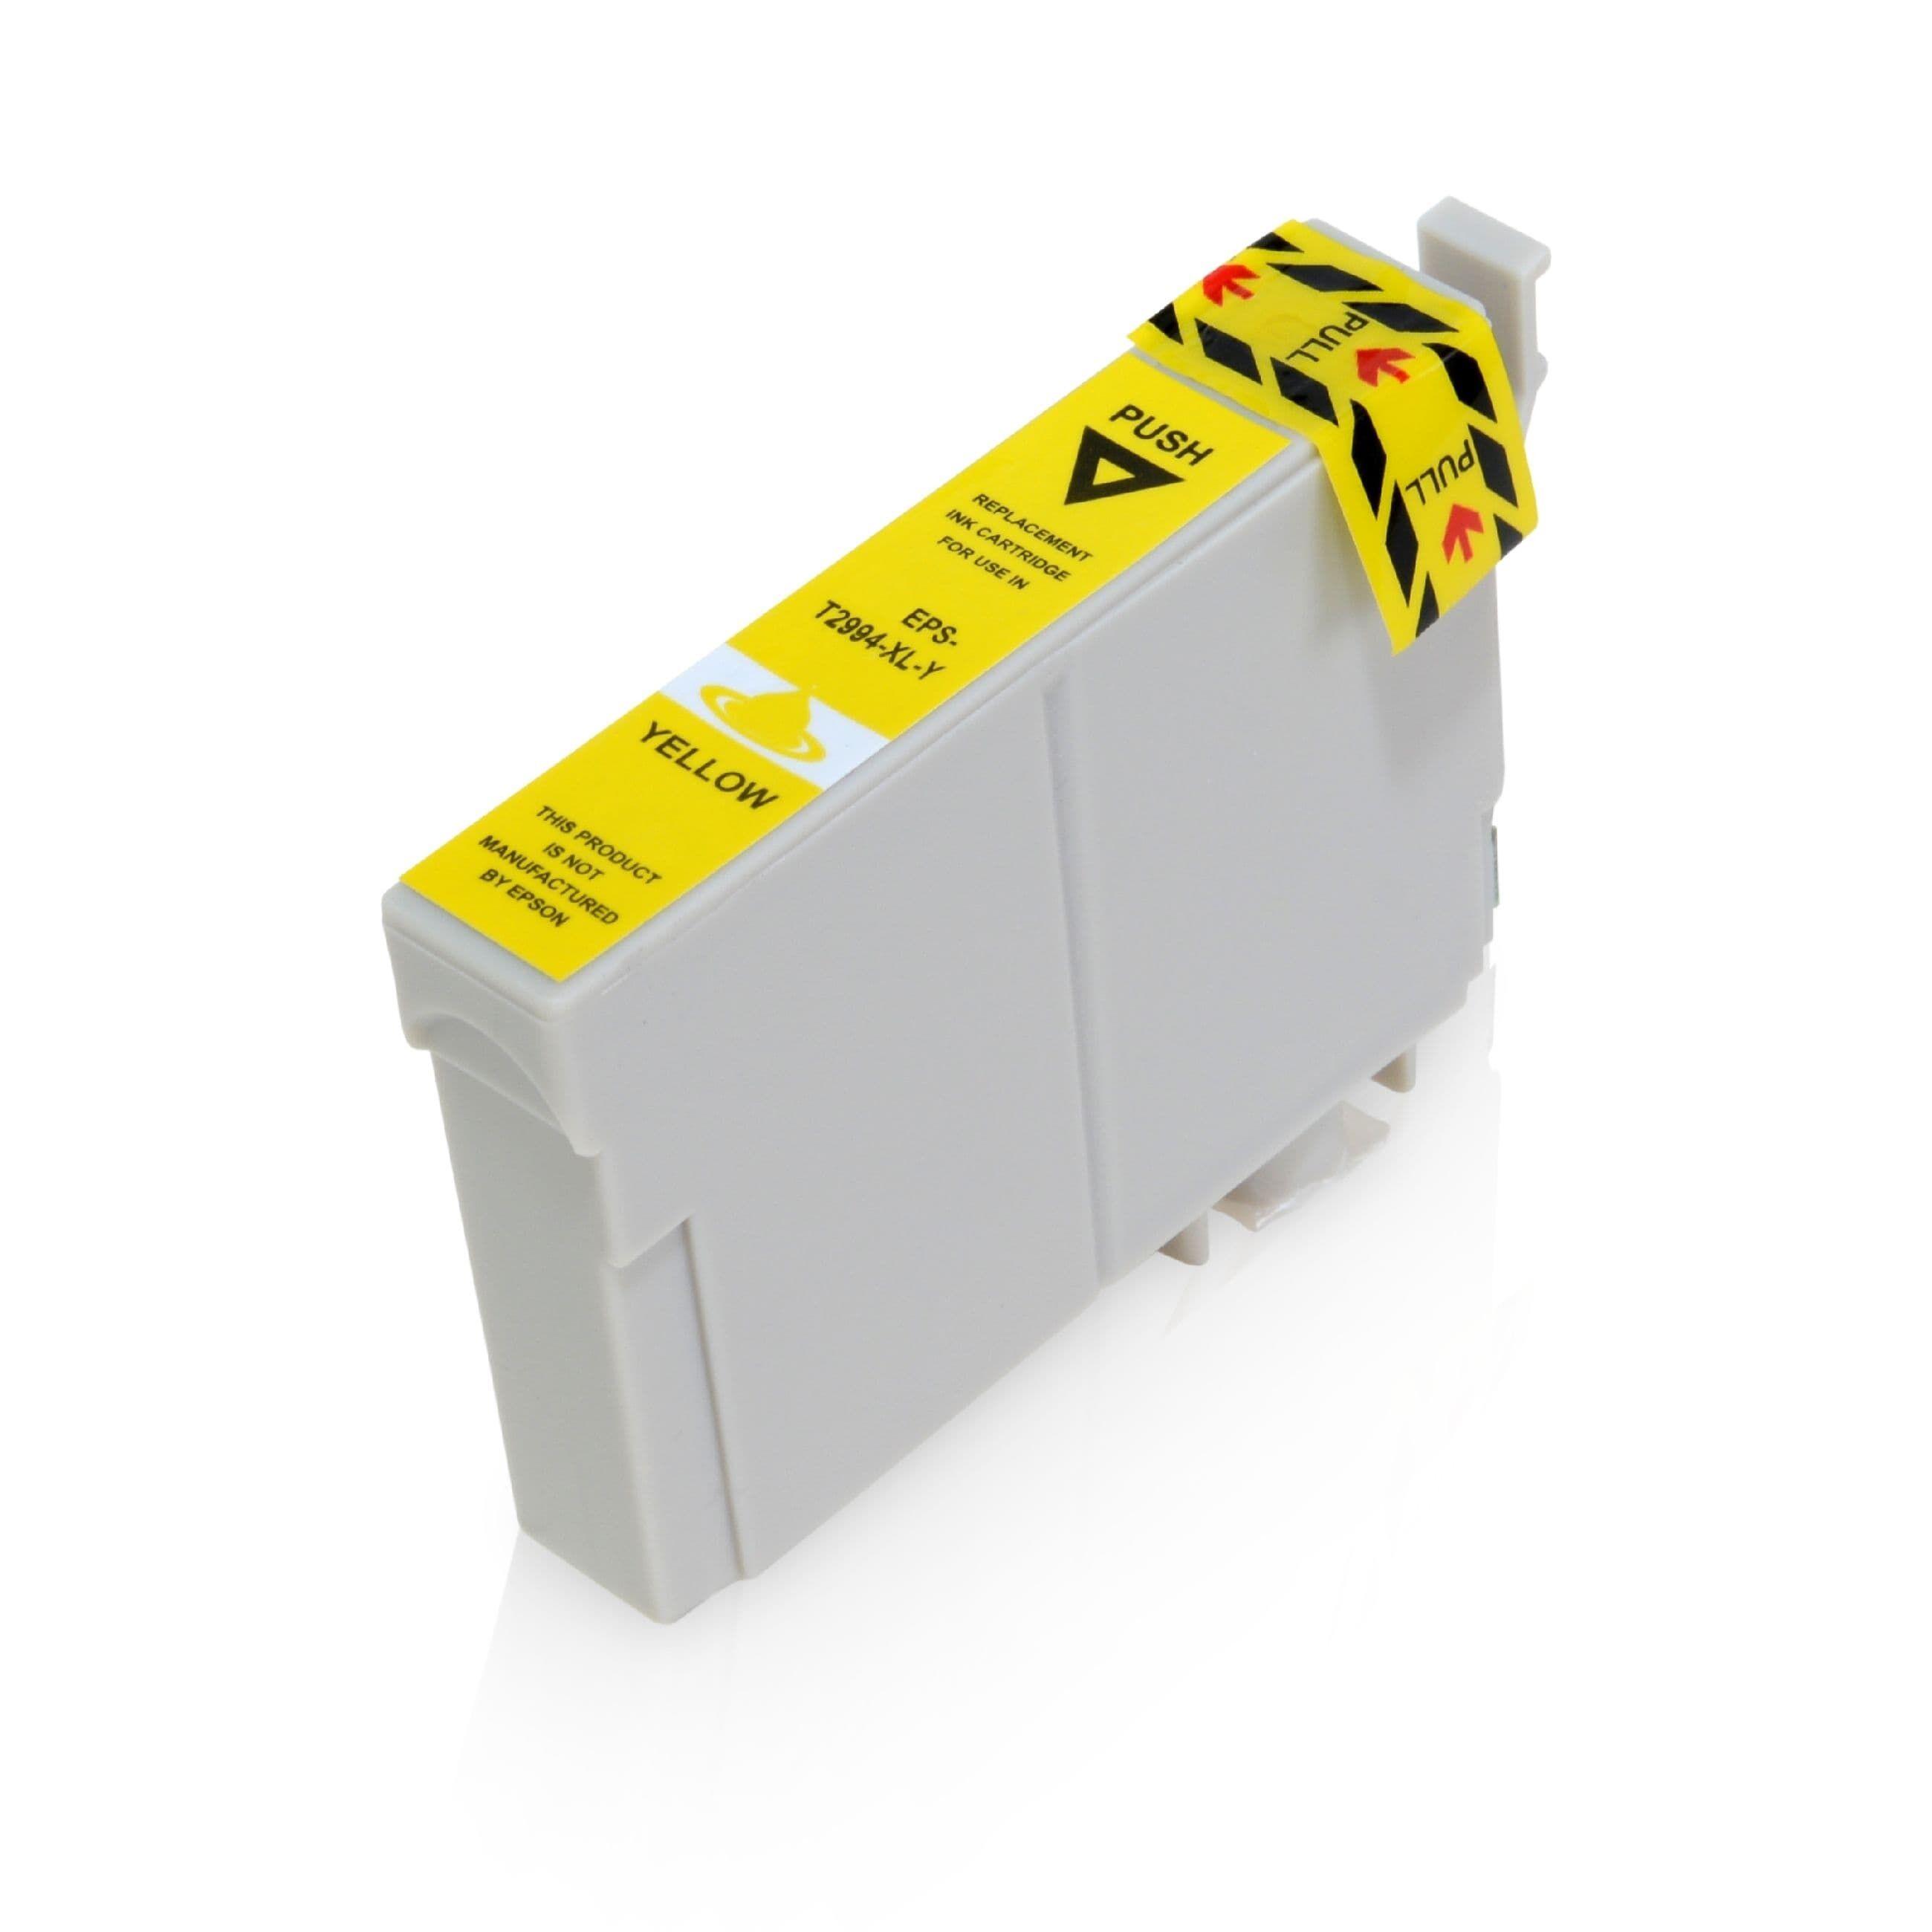 Epson Cartouche d'encre pour Epson C13T29944010 / 29XL jaune compatible (de marque ASC)